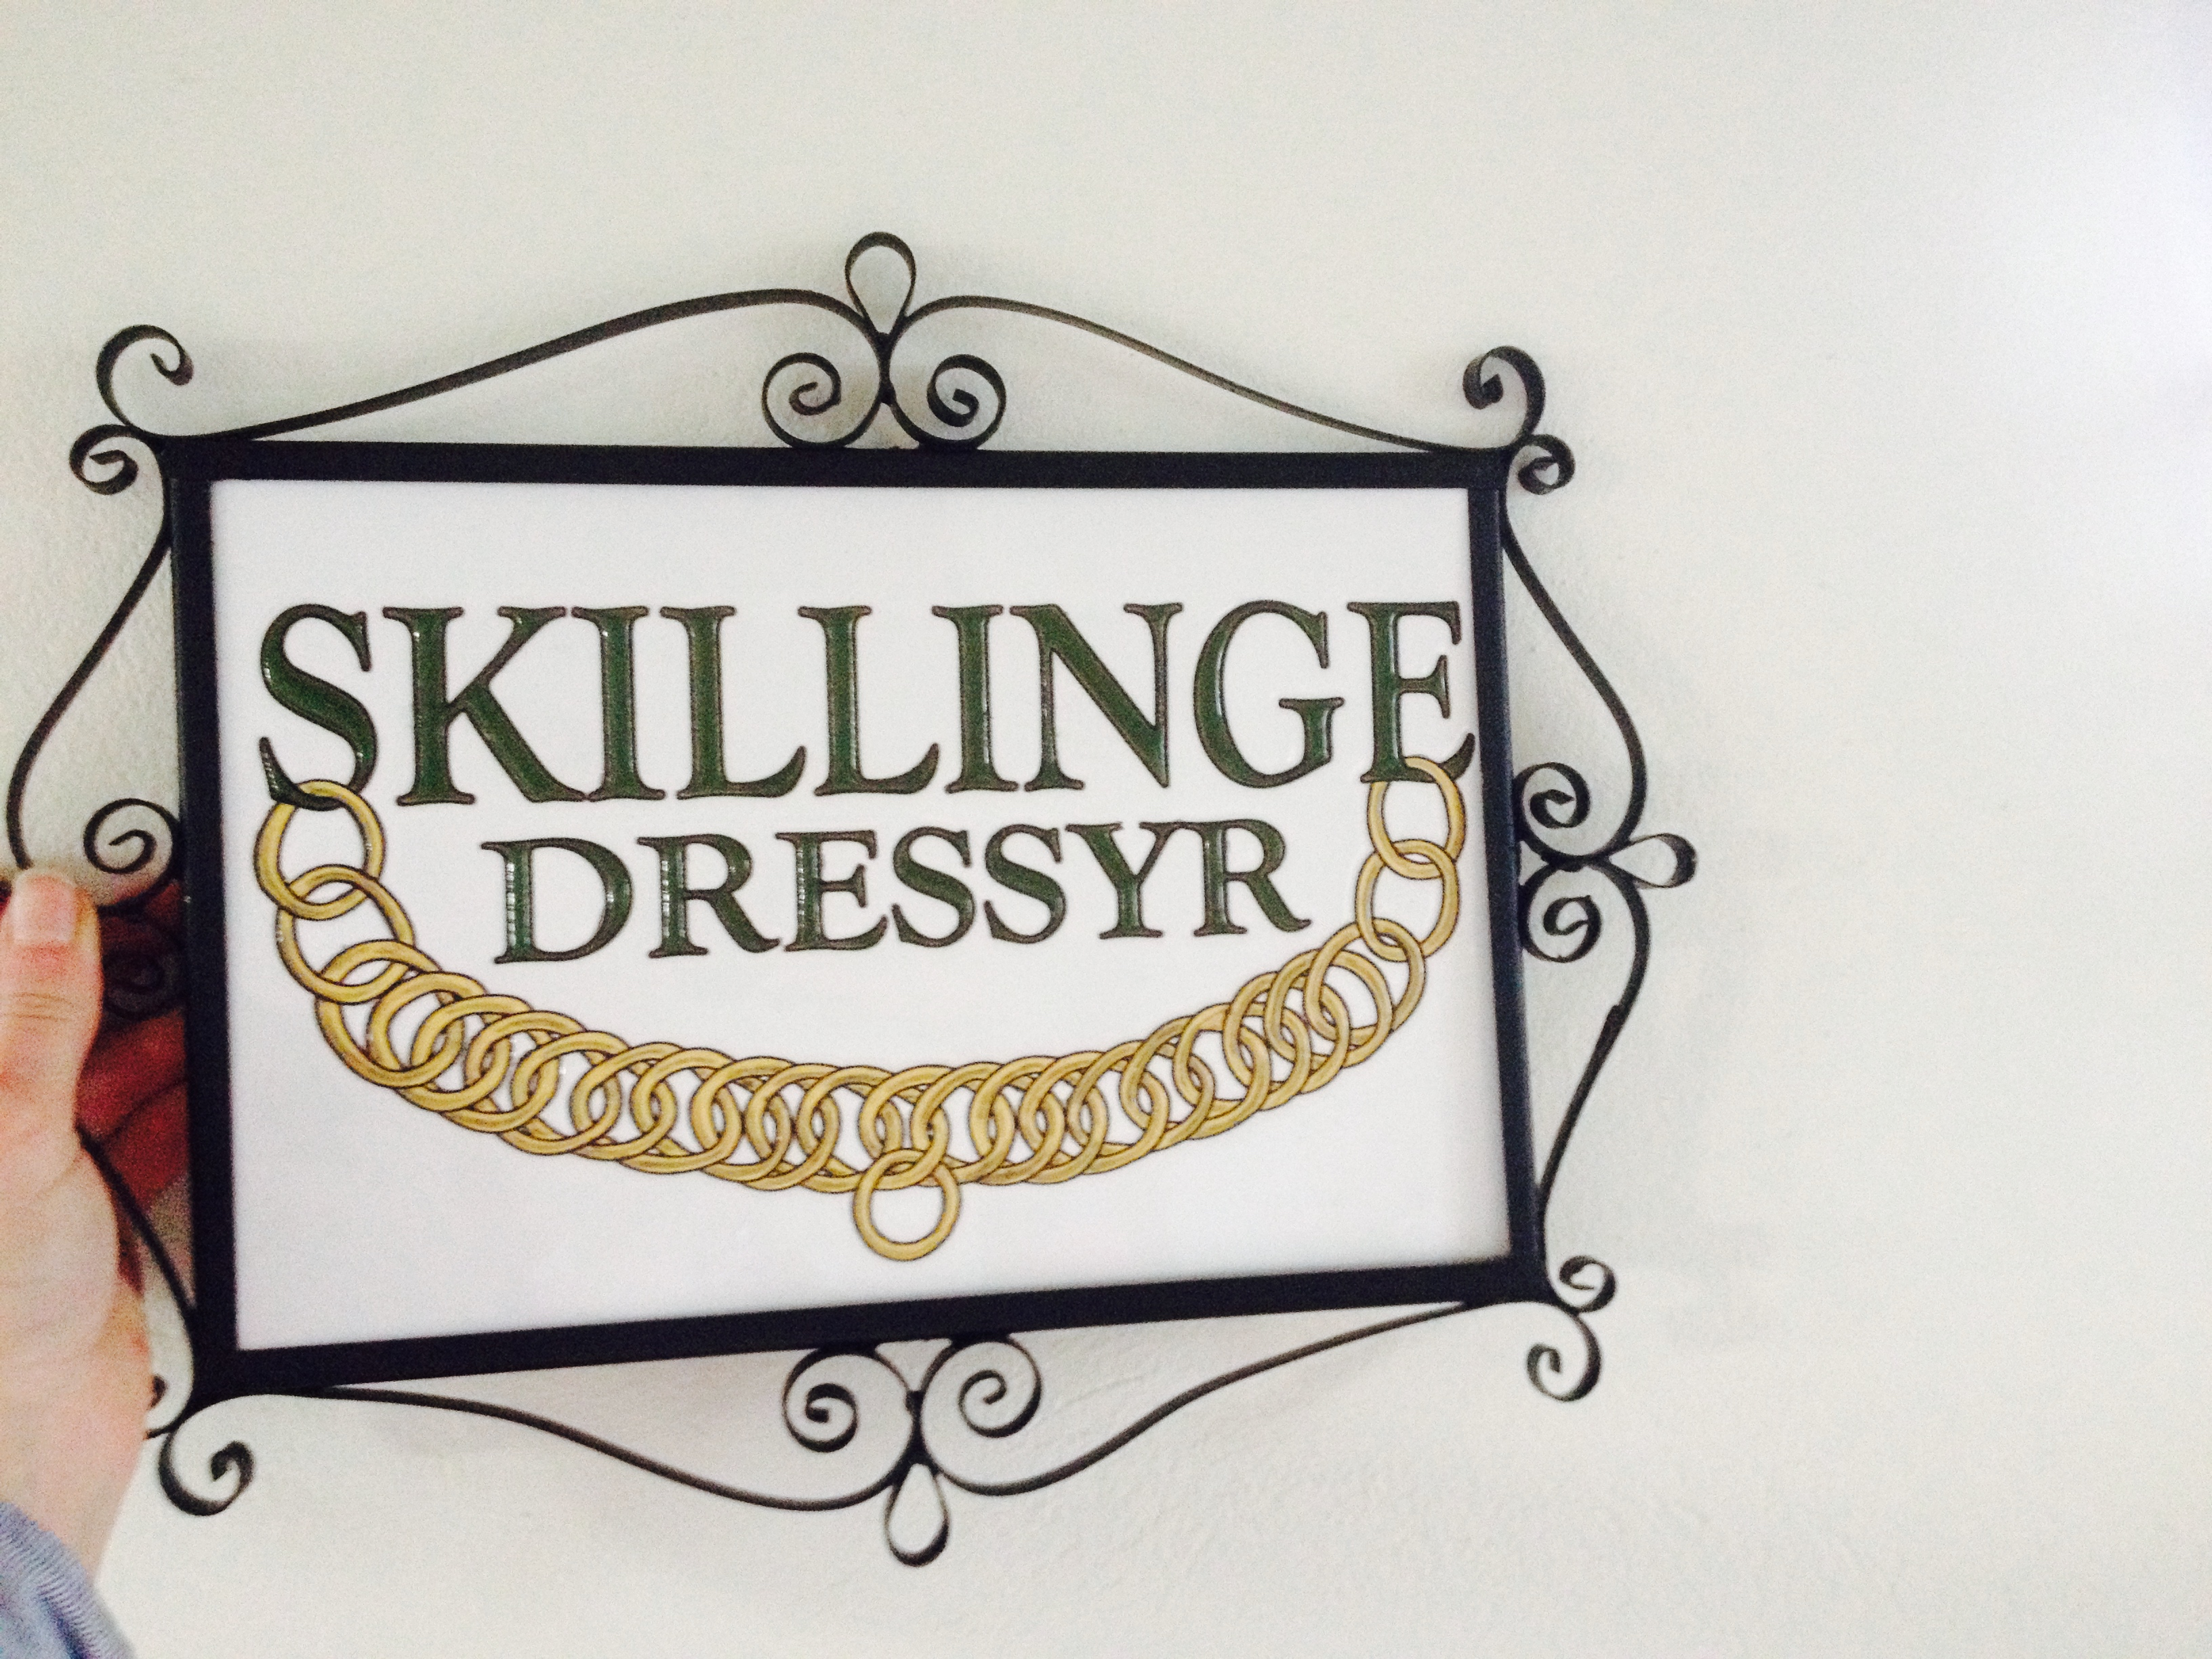 Välkommen till Skillinge Dressyr...